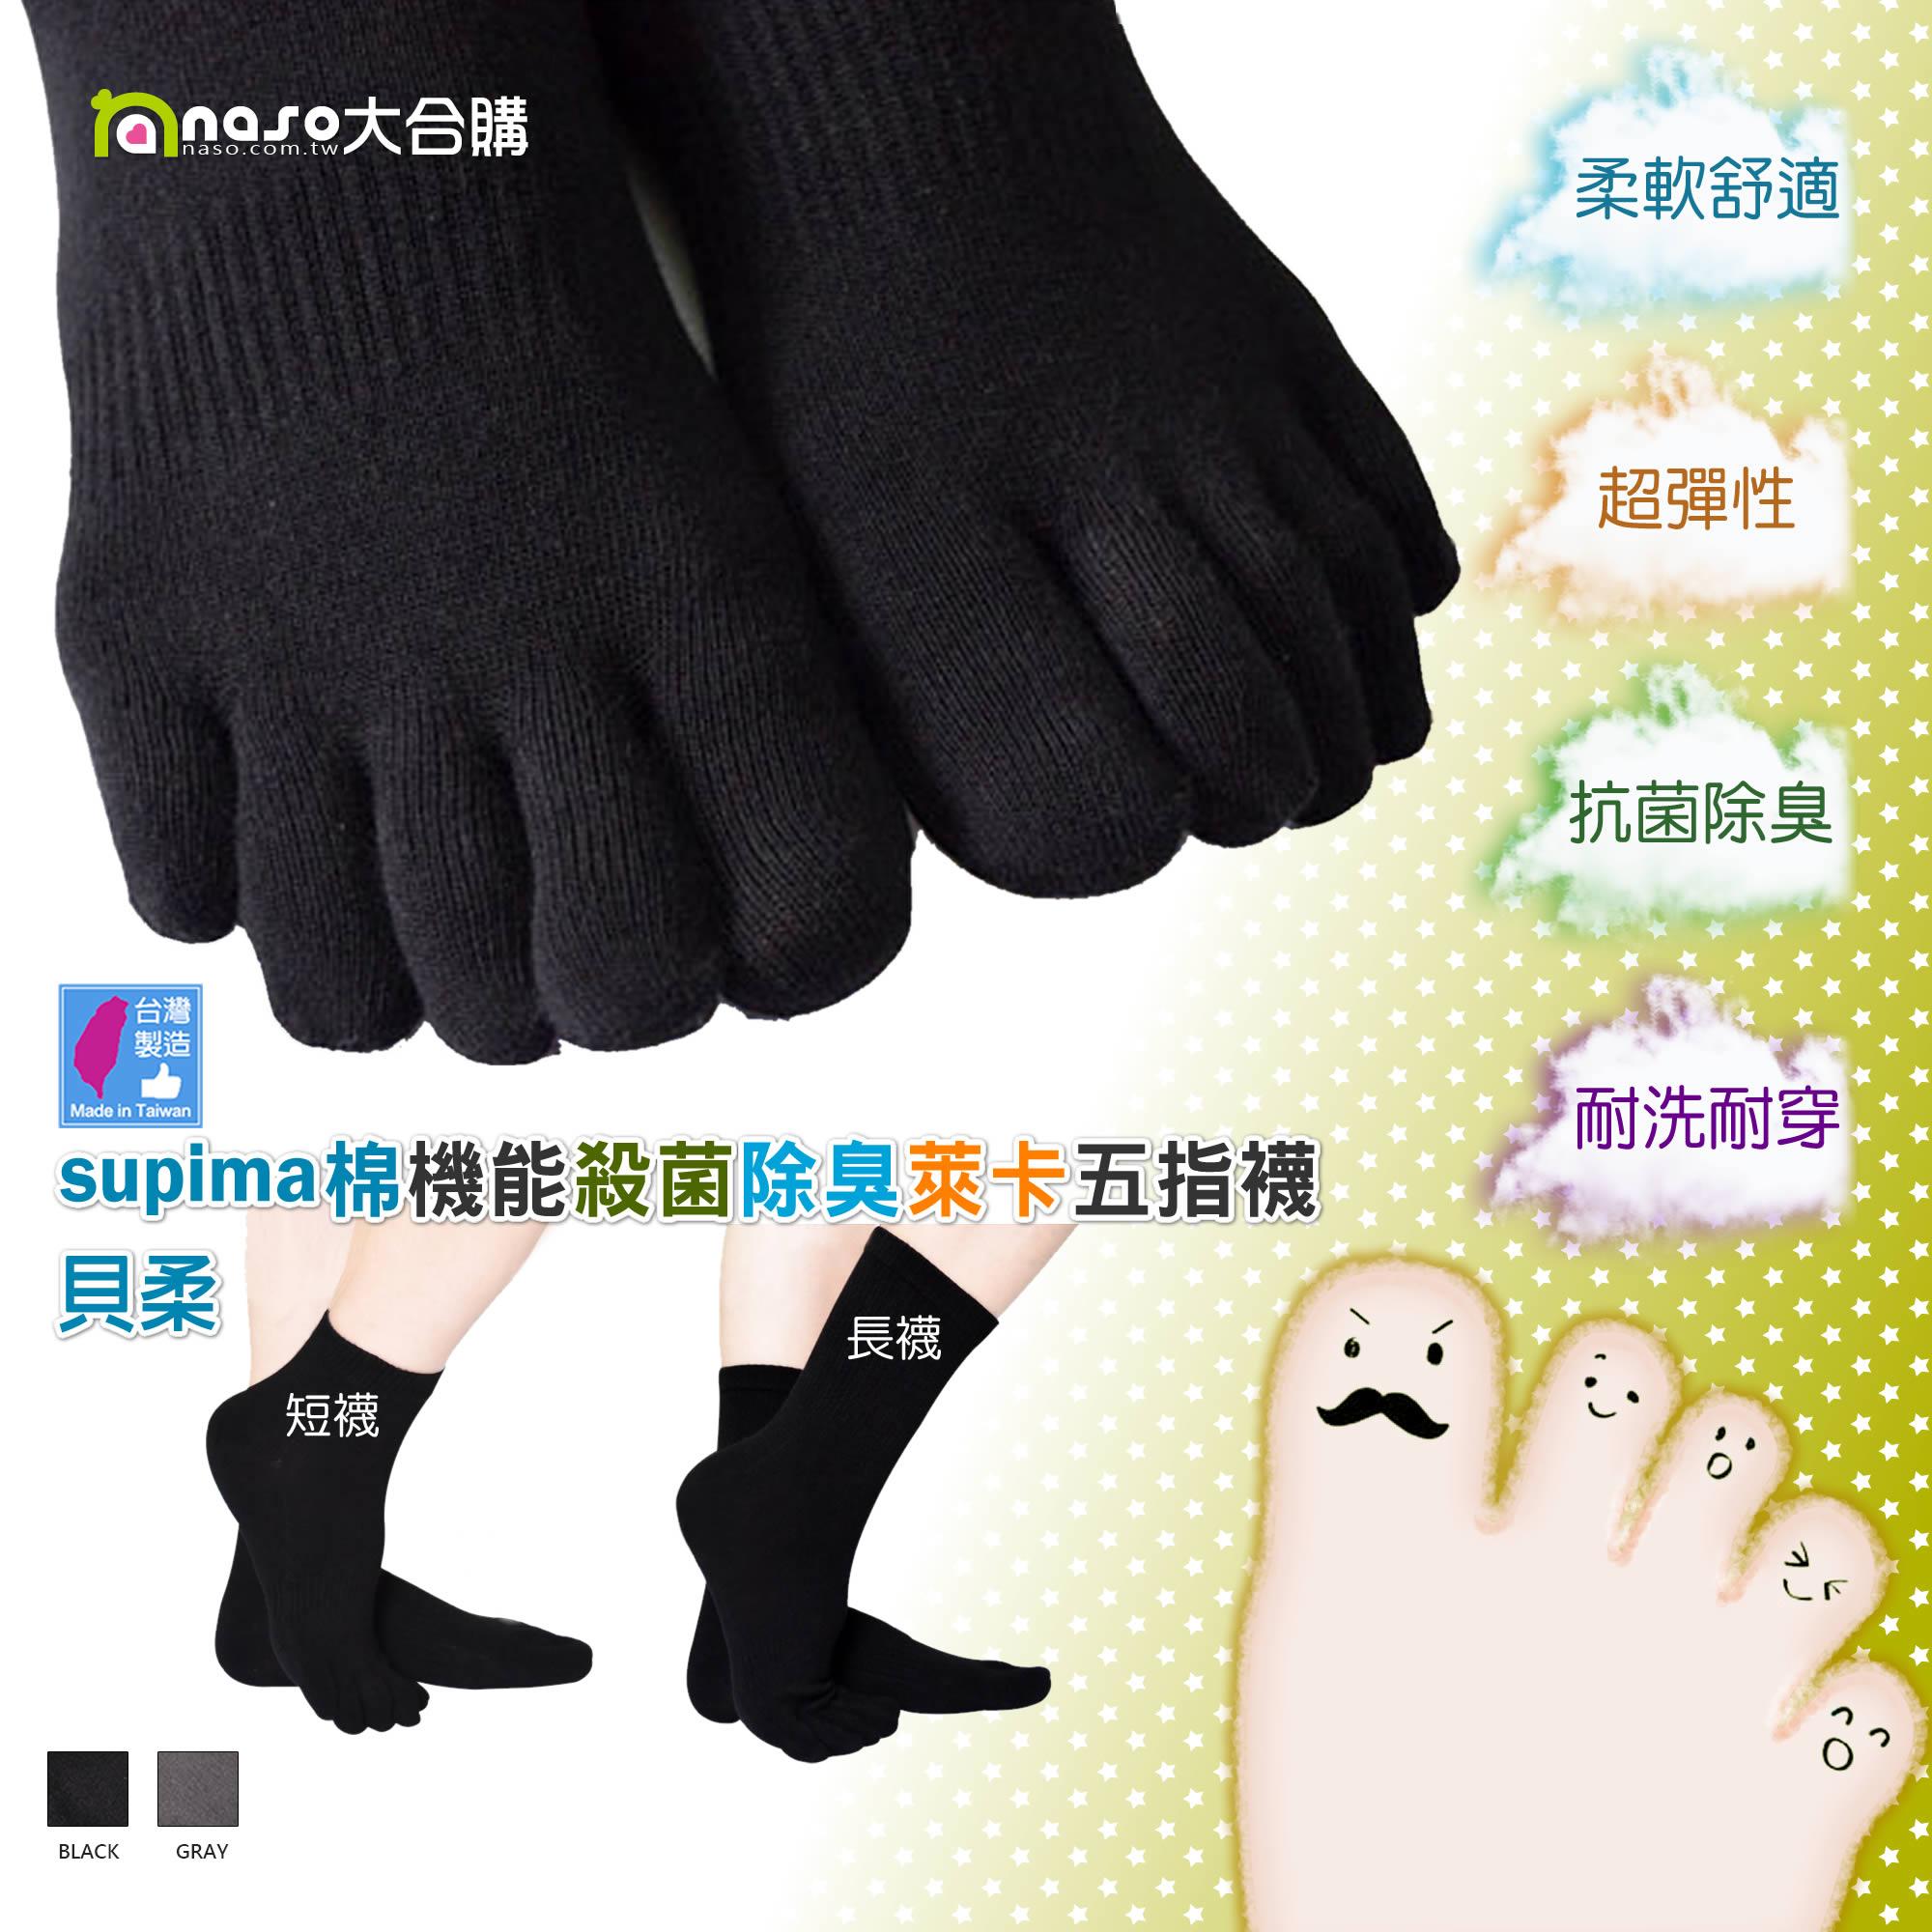 【台灣製造】貝柔 Supima機能殺菌除臭萊卡五指襪 好評第3團